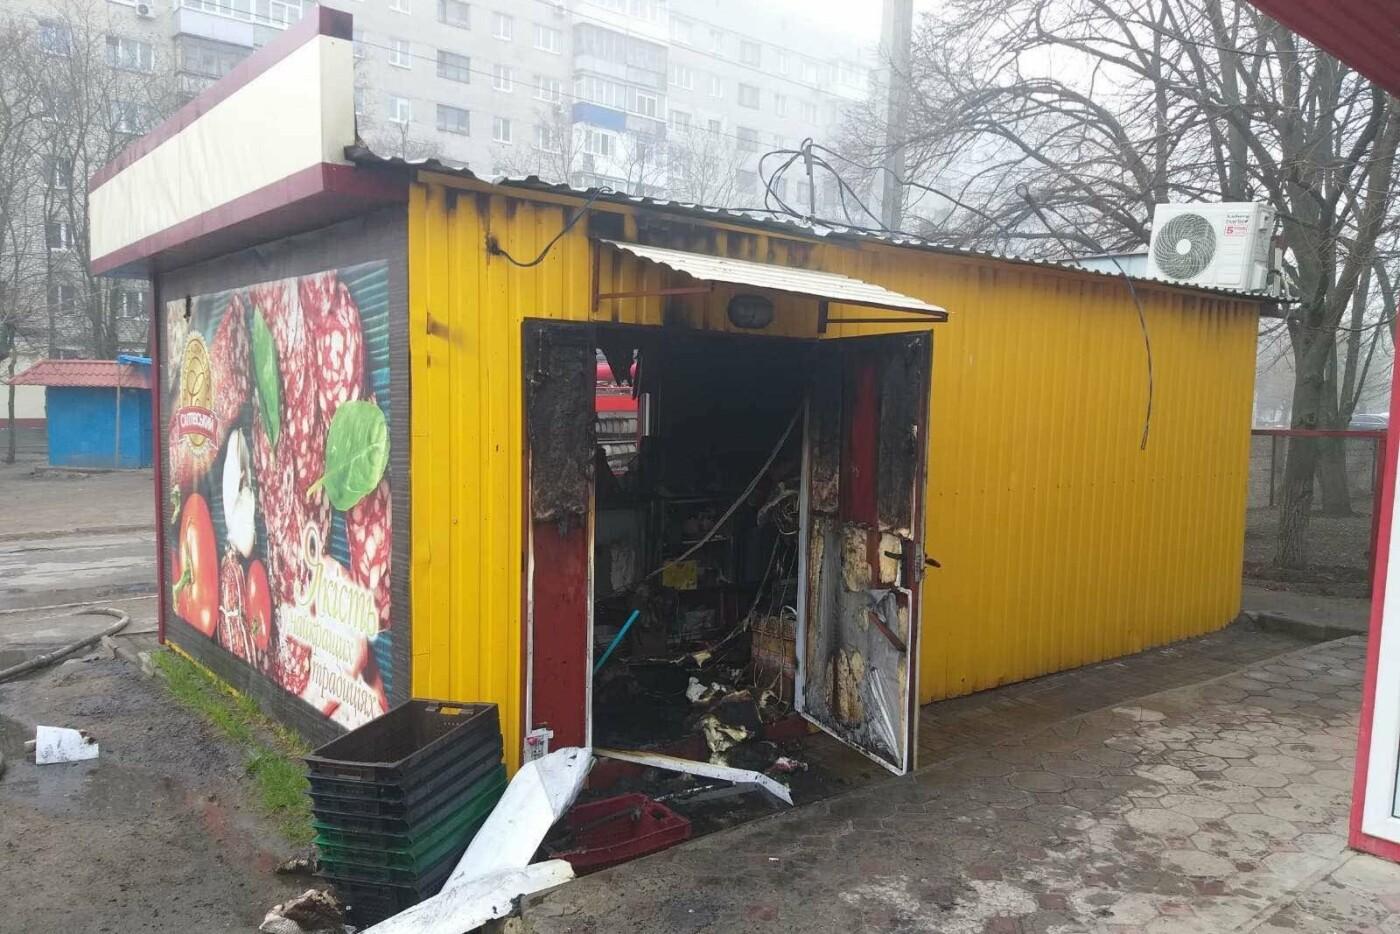 Загорелся из-за короткого замыкания электропроводки: в Харькове спасатели тушили пожар в продуктовом киоске, - ФОТО, фото-1